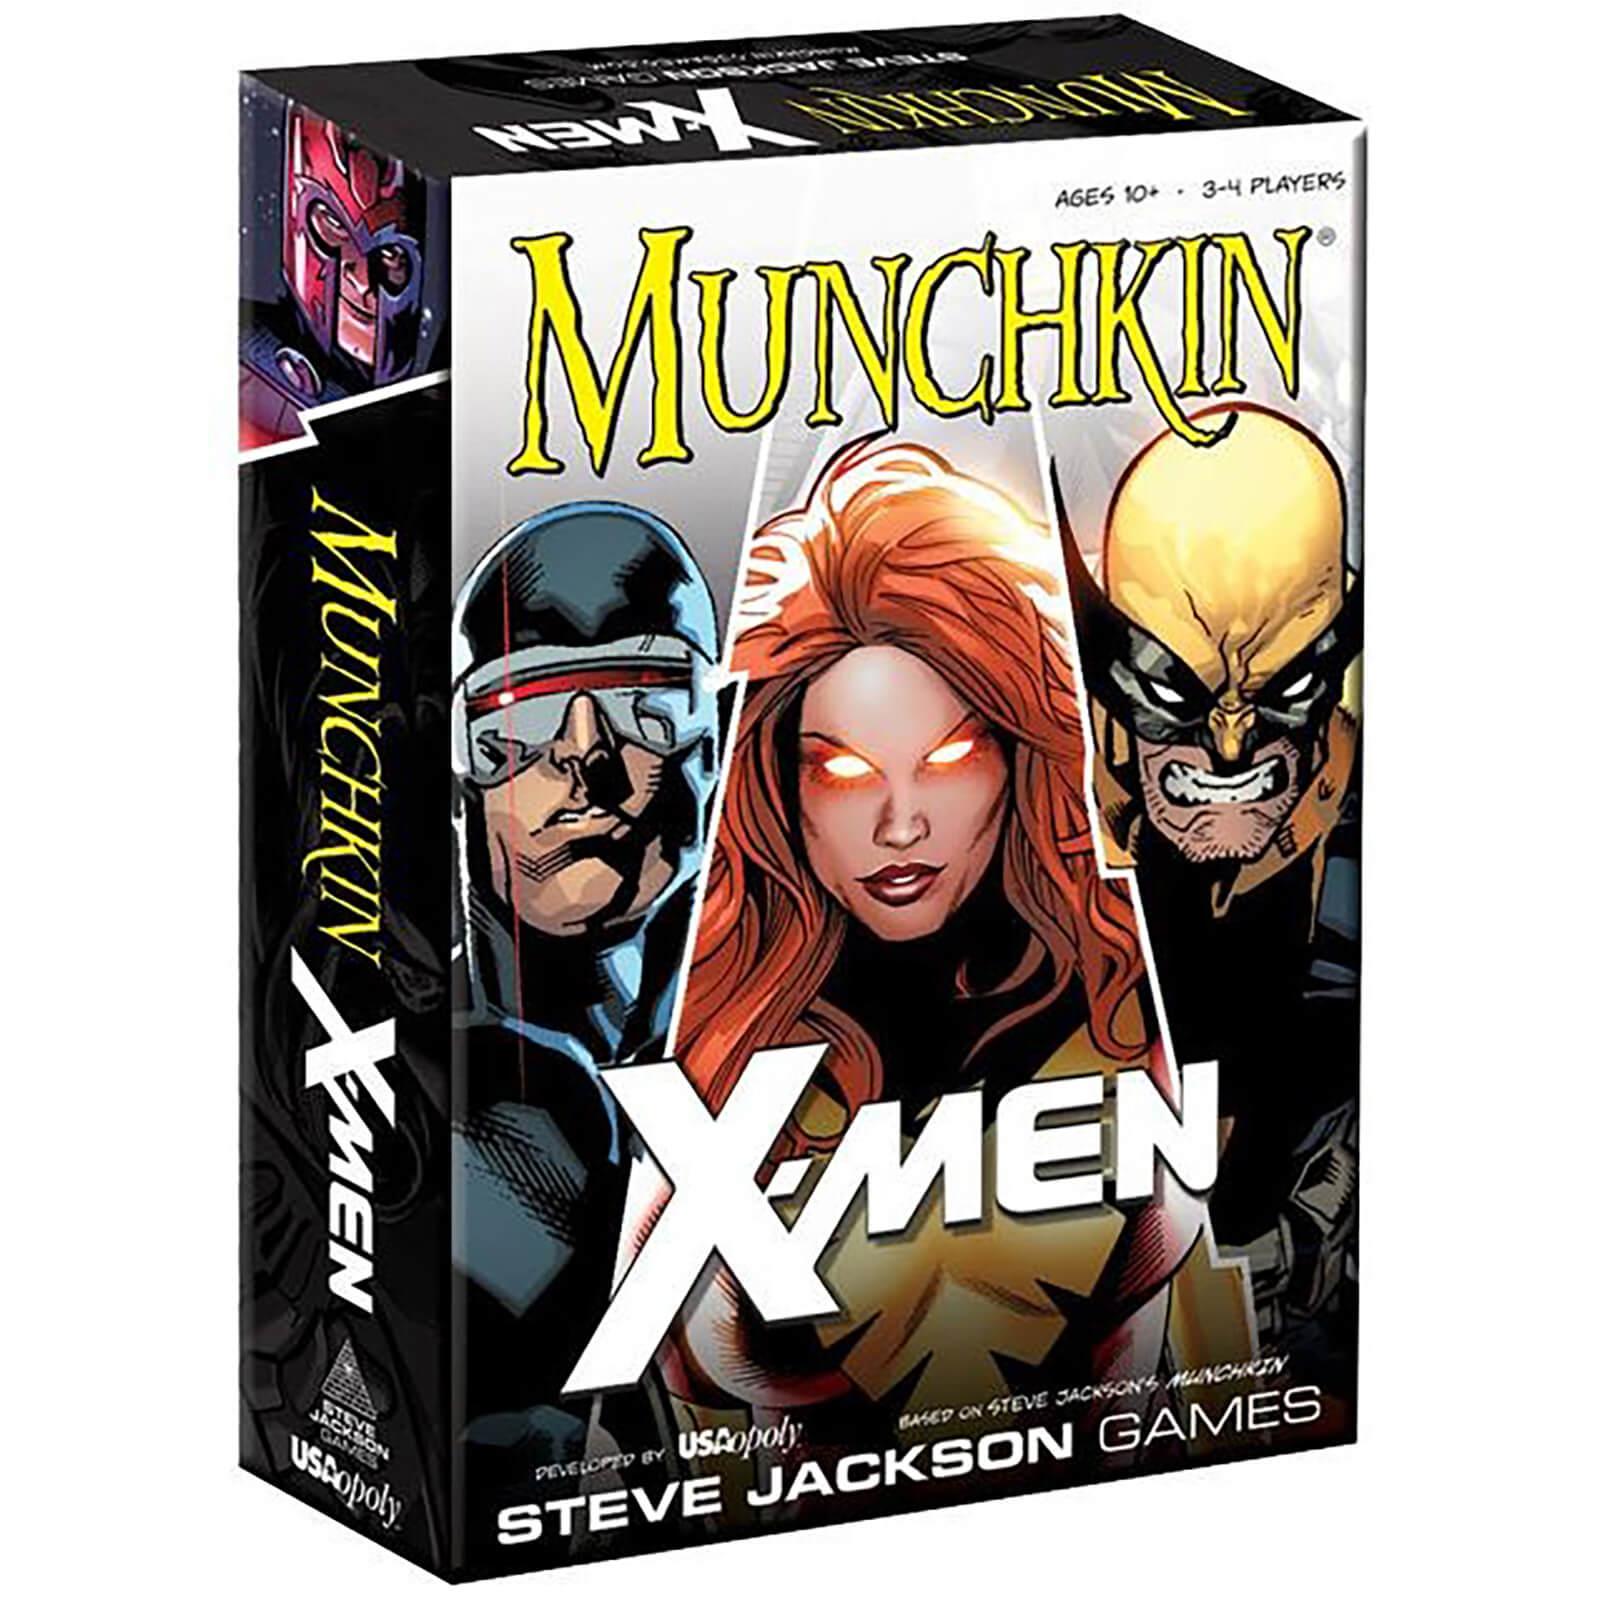 Image of Munchkin X-Men Card Game